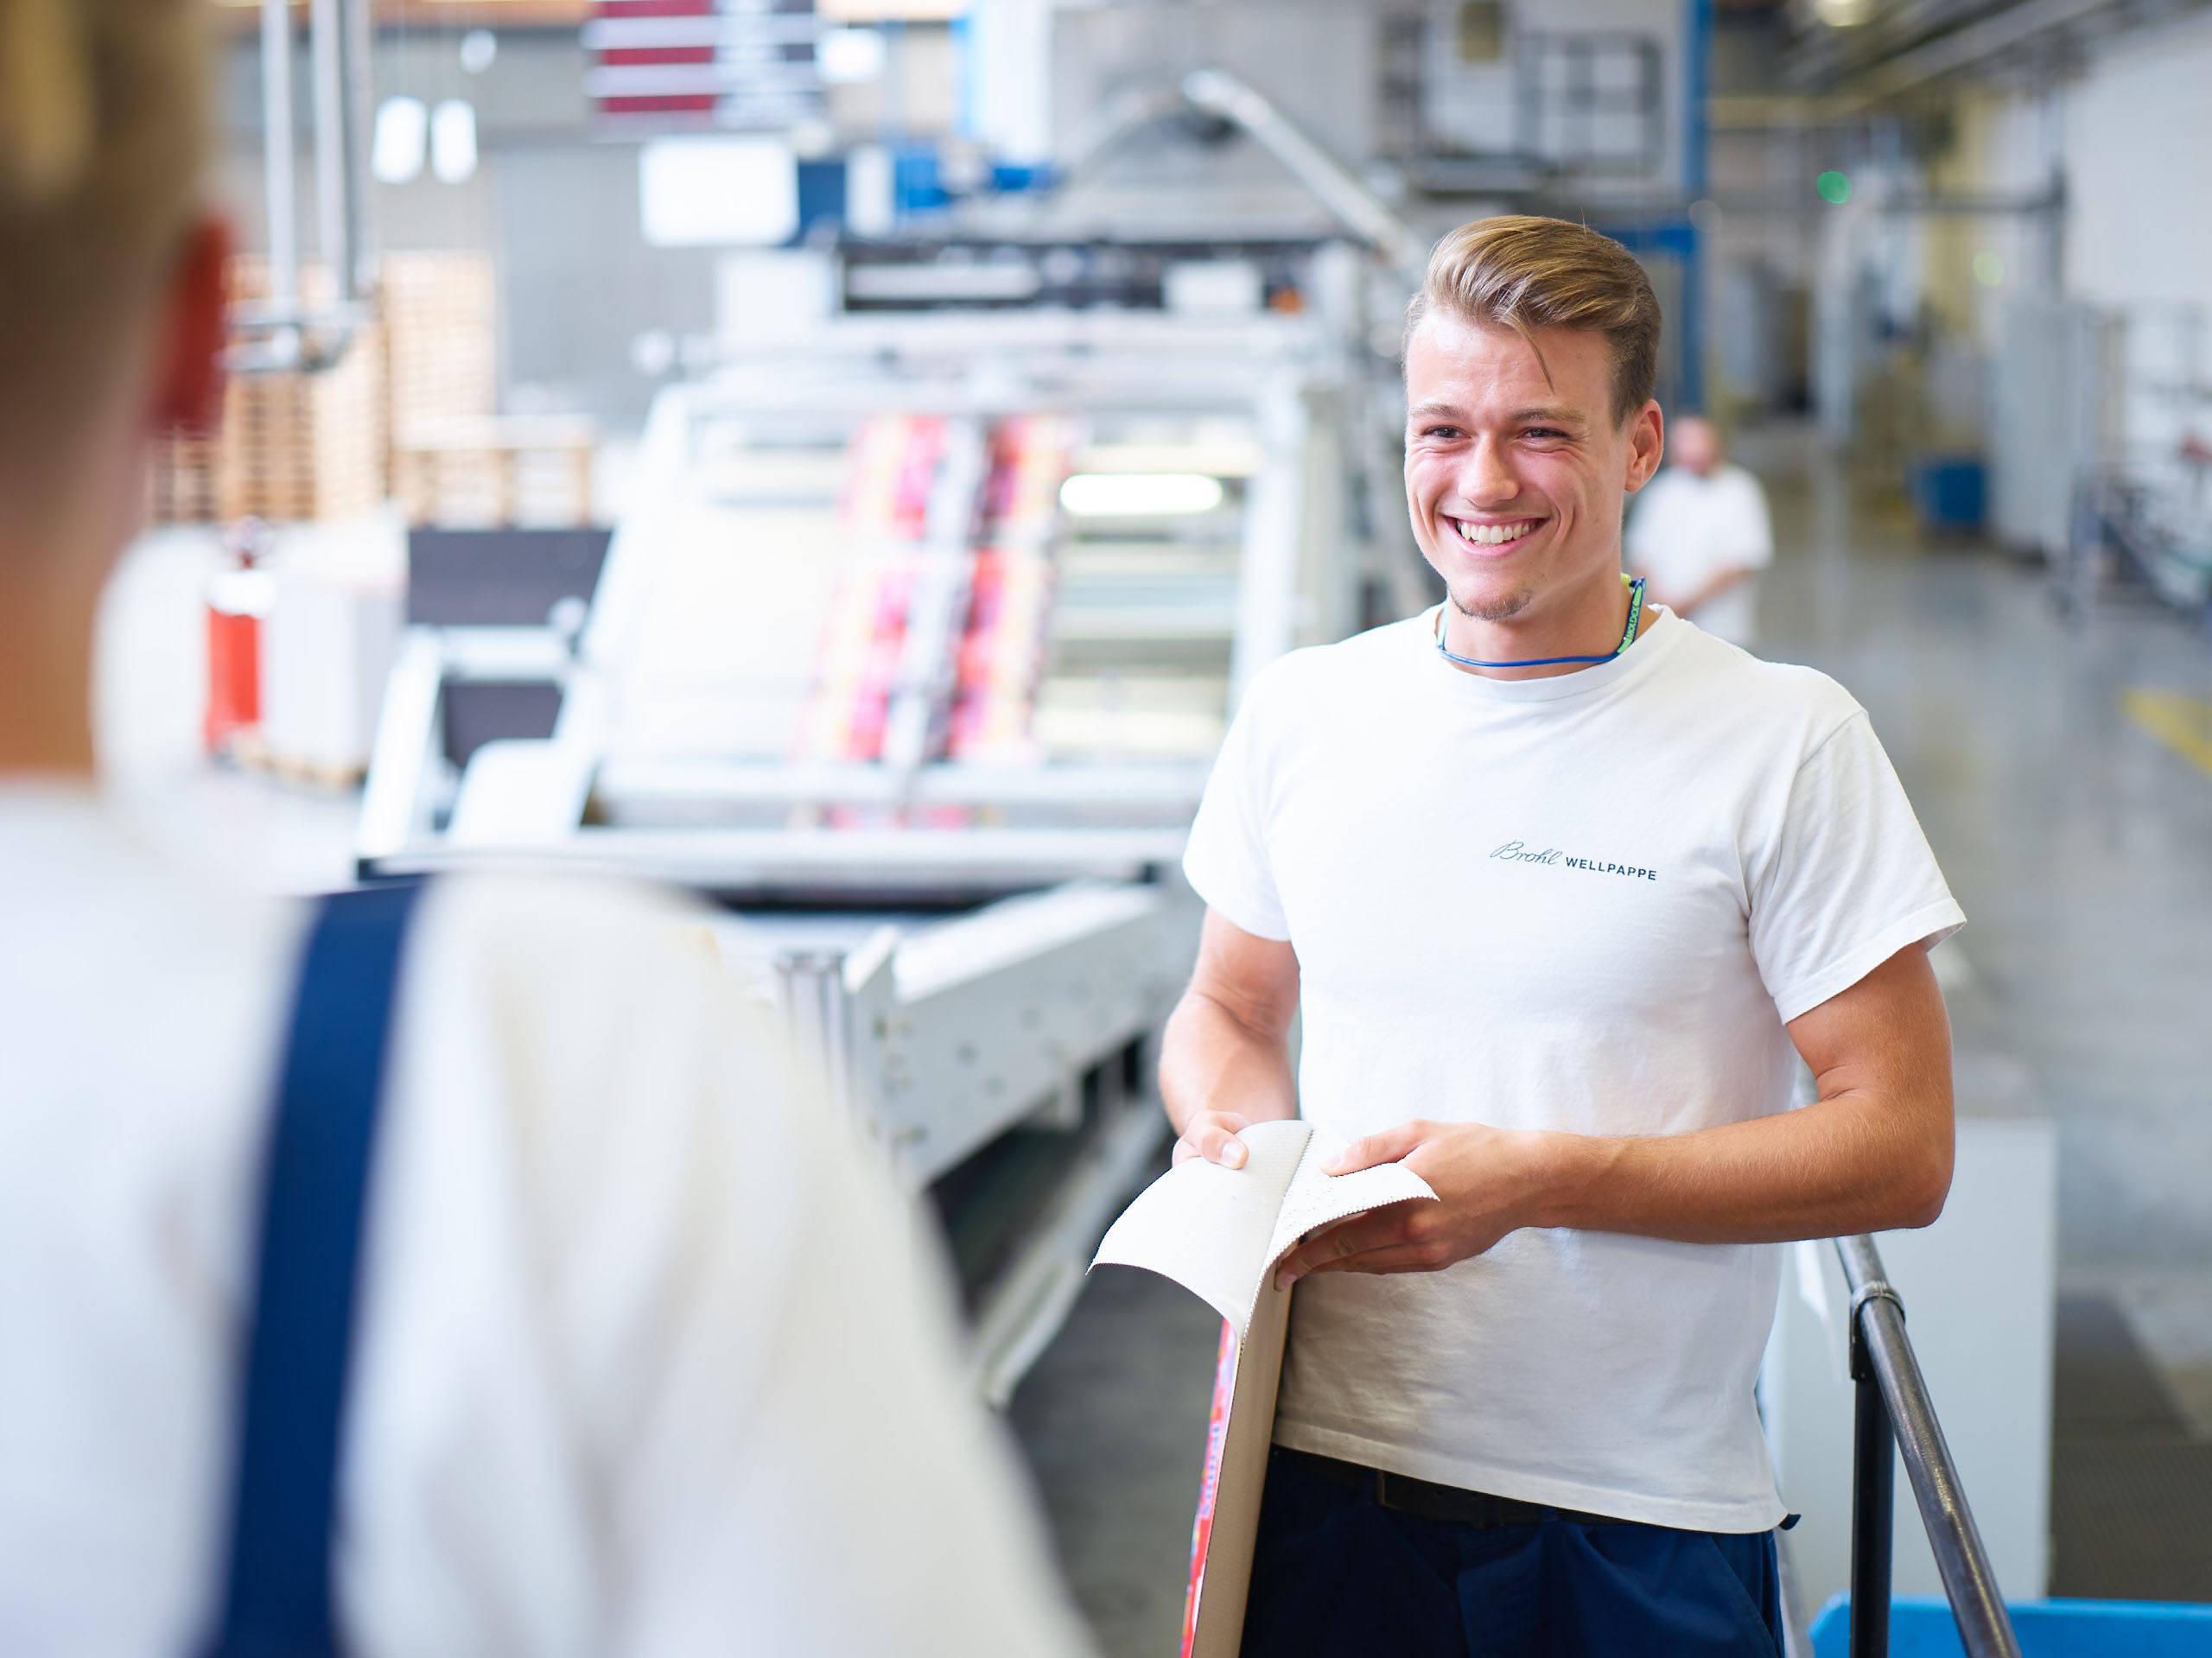 Ausbildung zum Packmitteltechnologe bei Brohl Wellpappe in Föhren